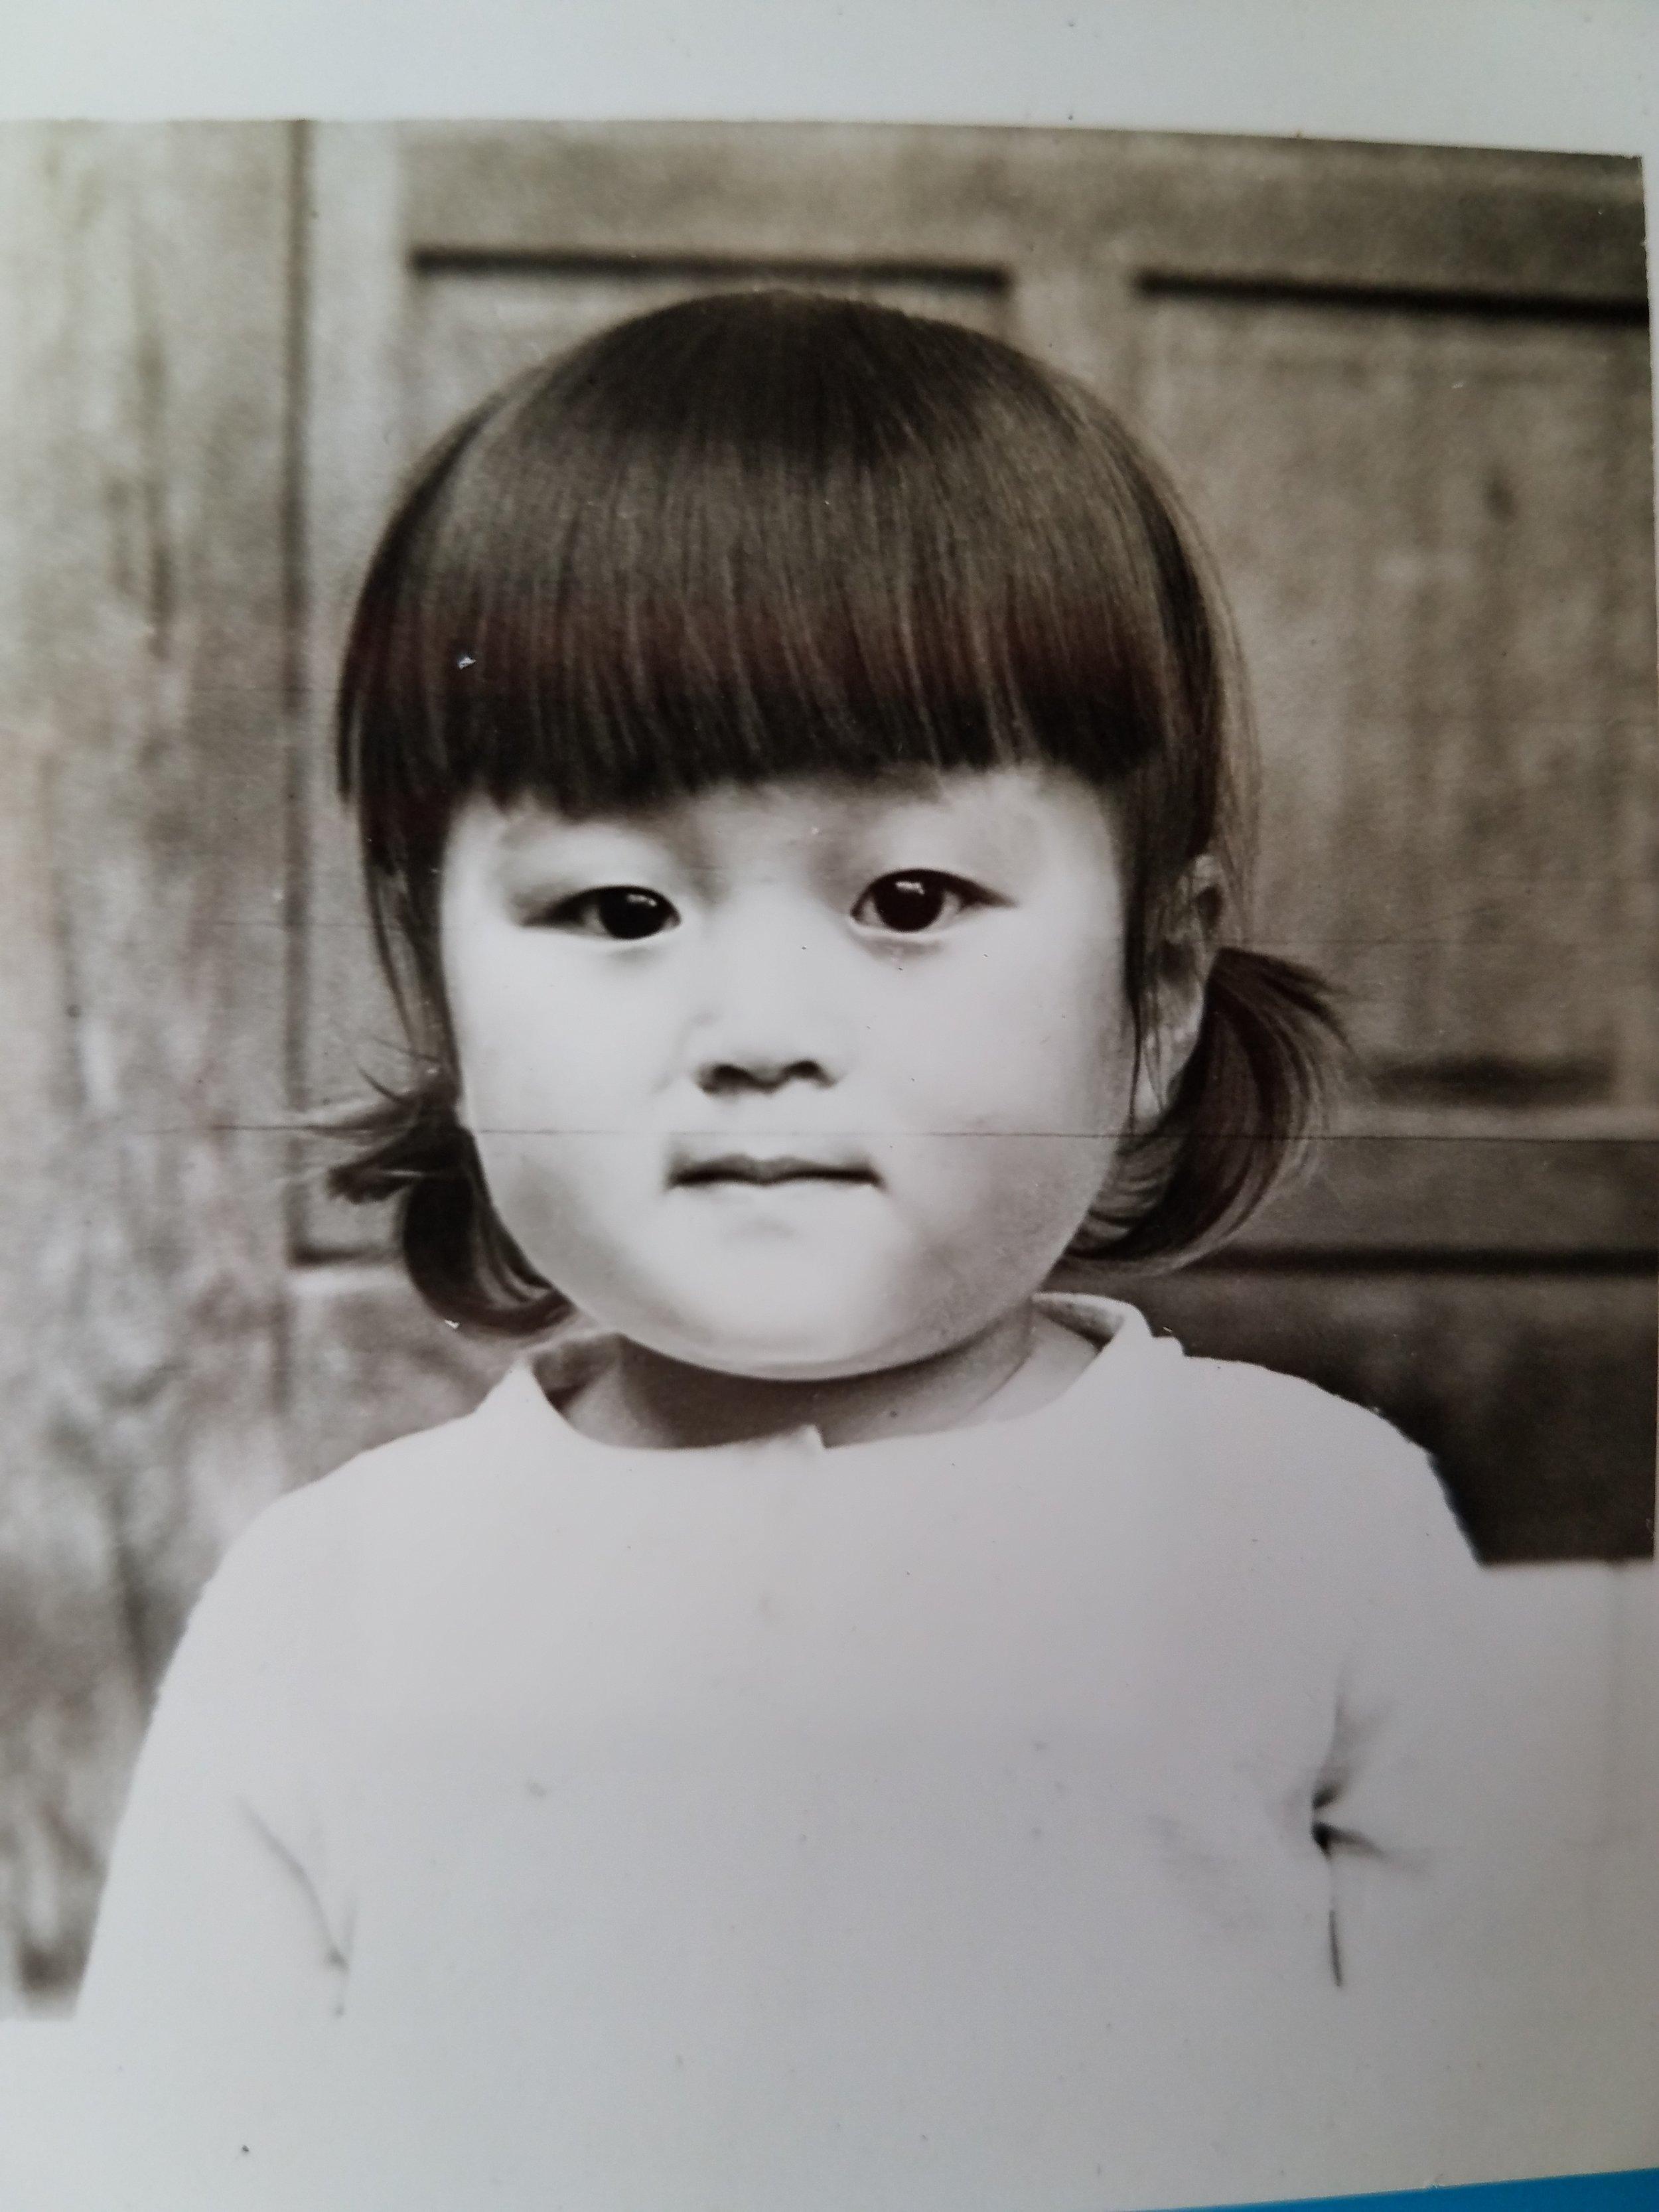 Amy Carr, Found May 1971, Daegu  (오영숙, 1971년 대구에서 발견)